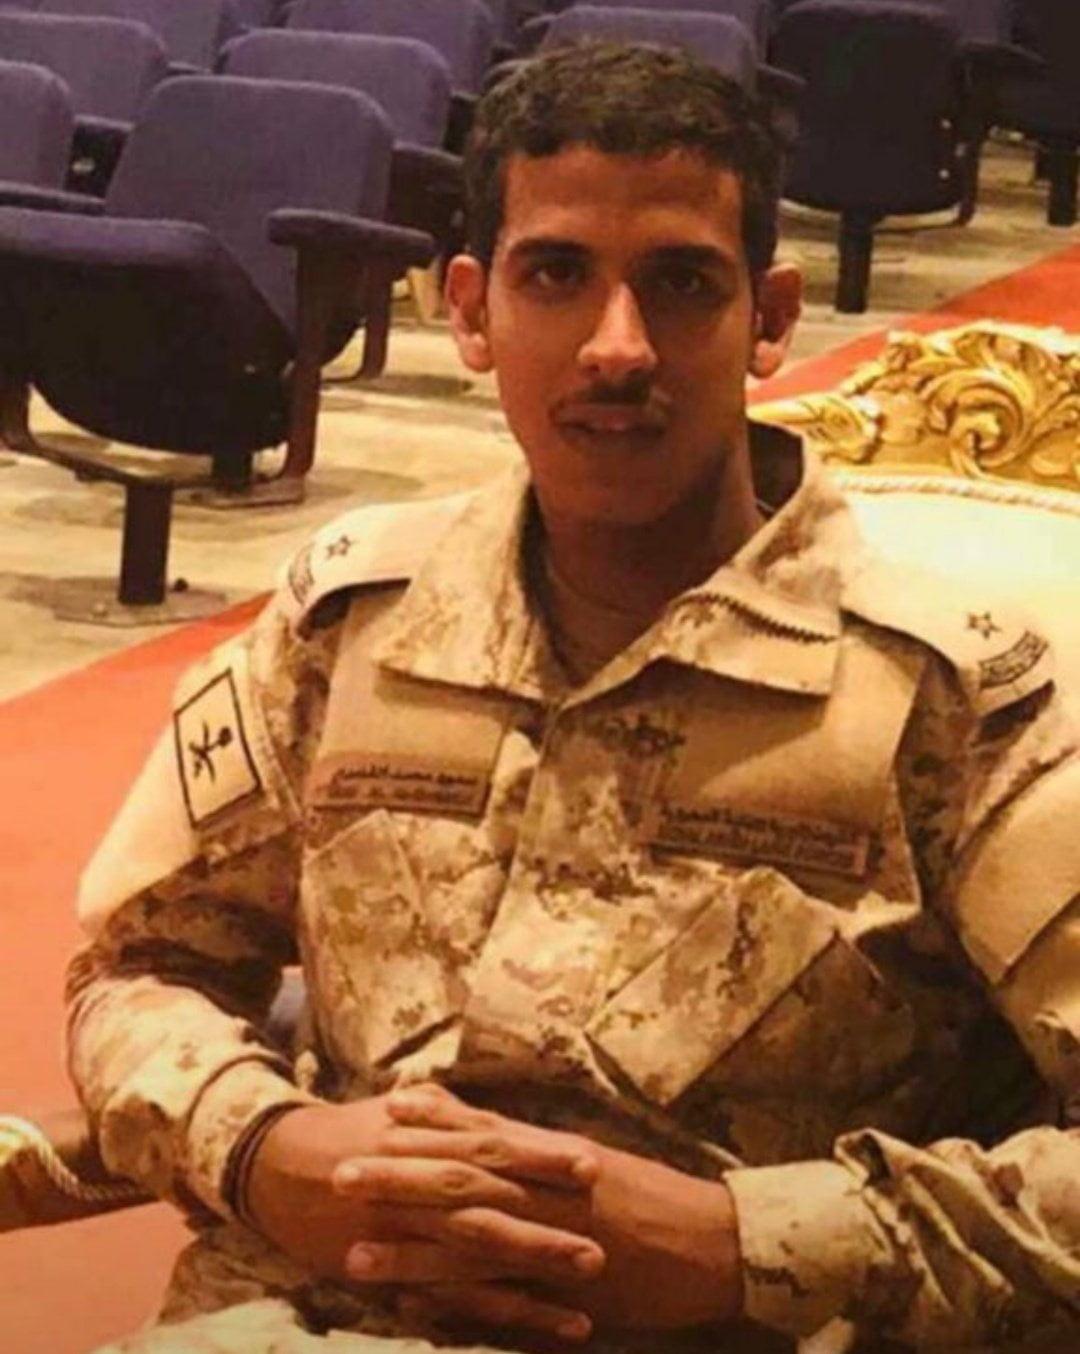 """غامد Twitterren: """"استشهد الملازم البطل سعود محمد مزهر الغامدي من ..."""